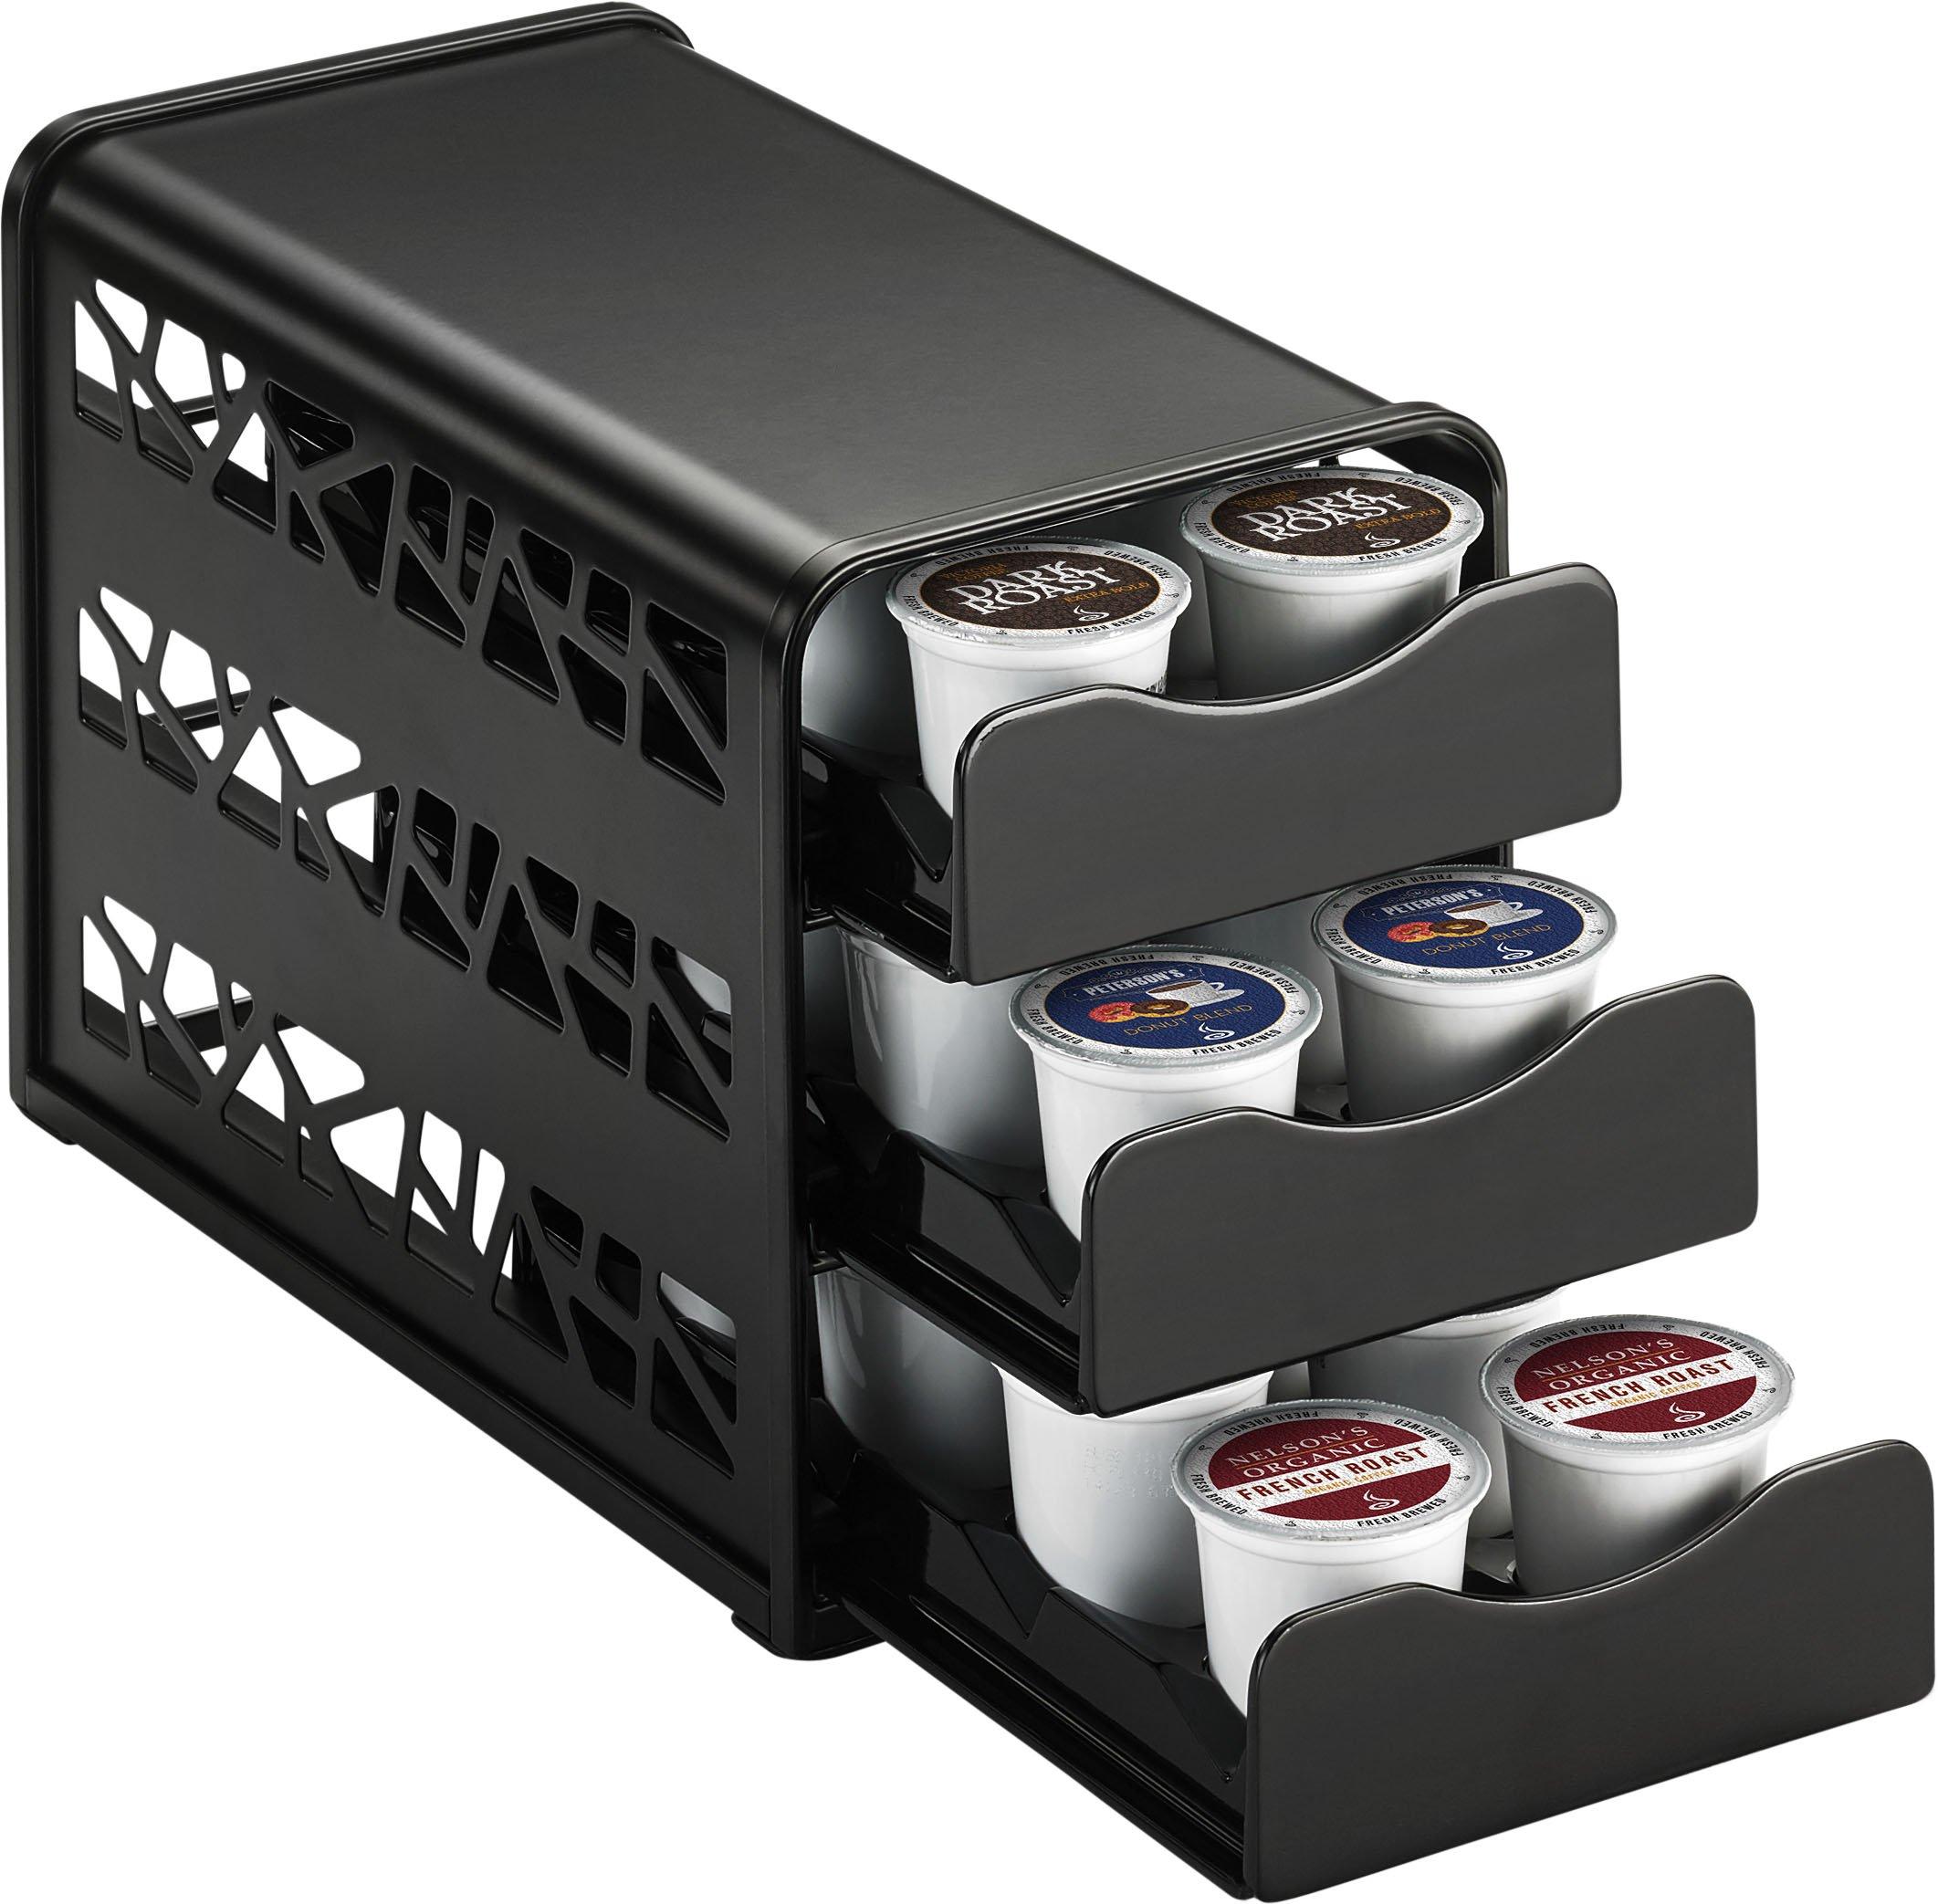 Java Concepts 17402-A Keurig Cabinet Storage for K-Cup, Black. 24 pods